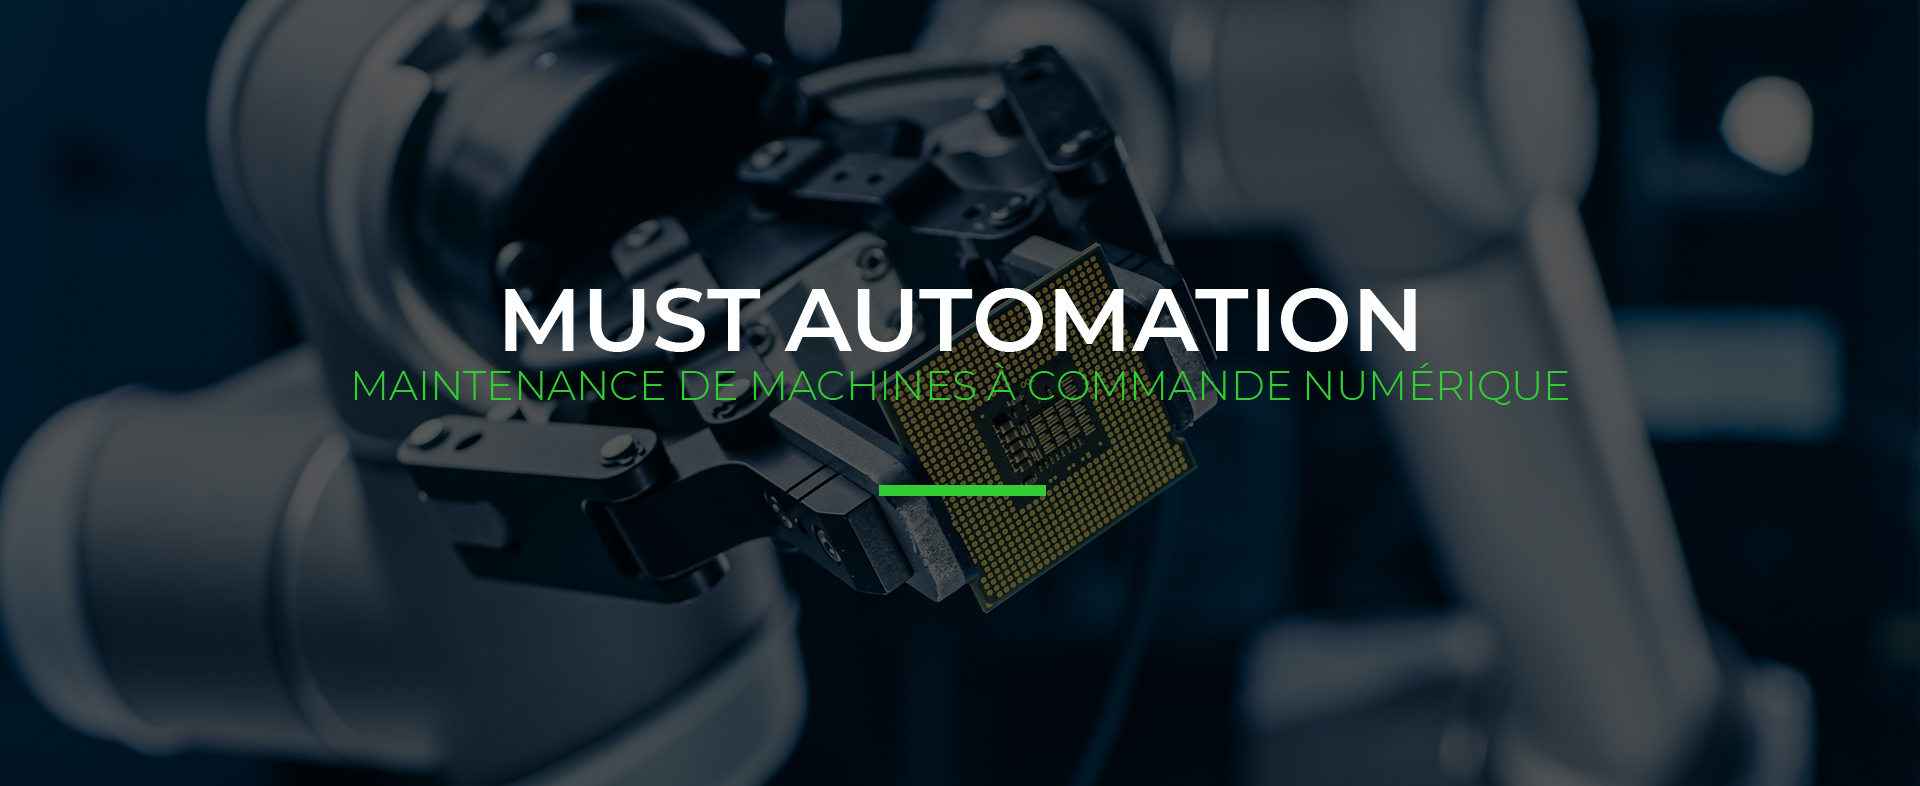 maintenance de machines à commande numérique